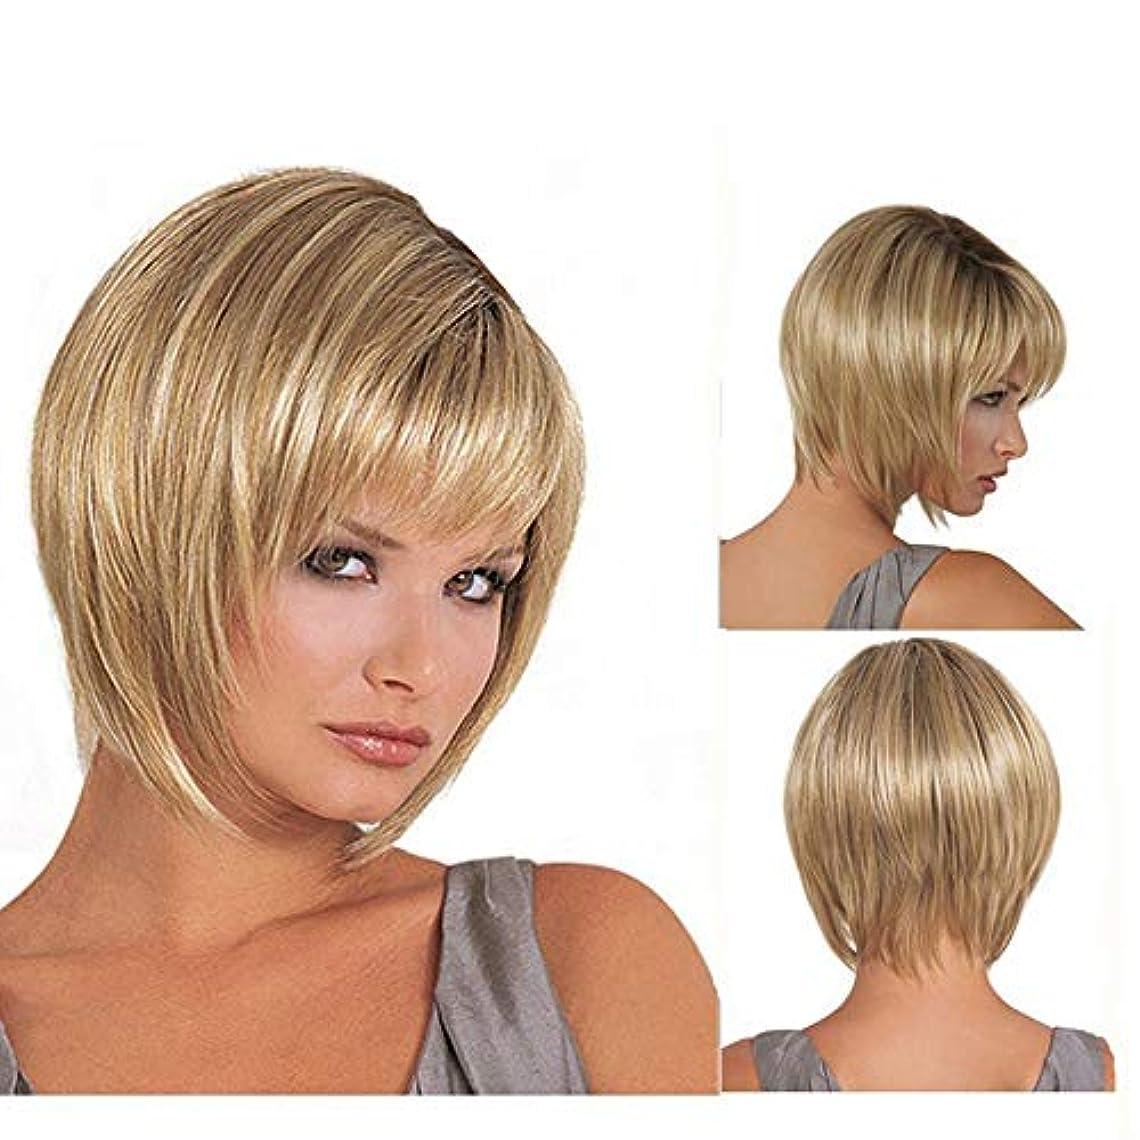 がんばり続ける有名持つWASAIO ブロンドの髪型ショートストレートヘアふわふわウィッグ (色 : Blonde)